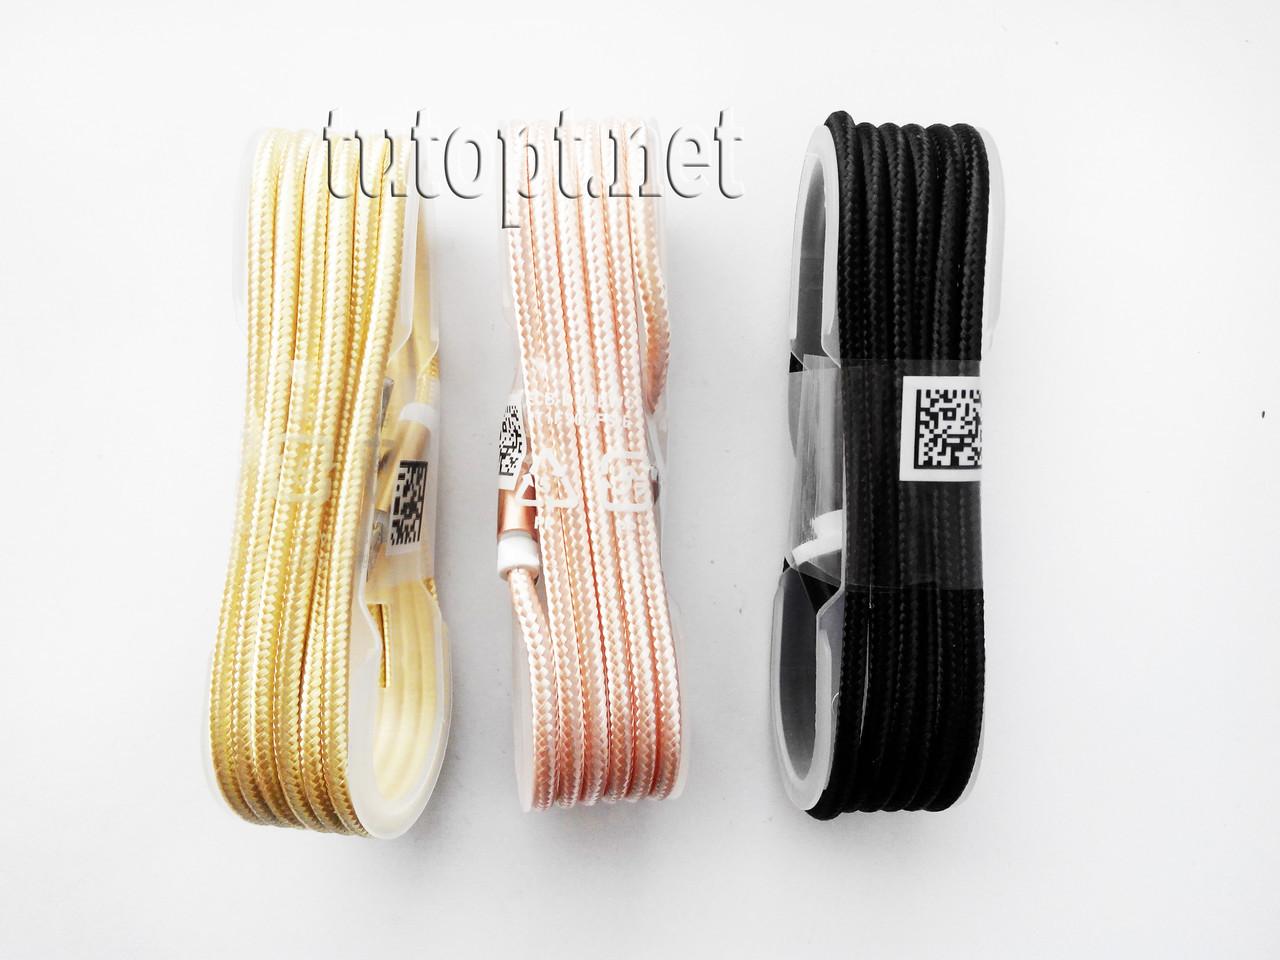 """USB-кабель тканевый с 3D эффектом  iPhone 127 см """"В наличие разные цвета"""""""